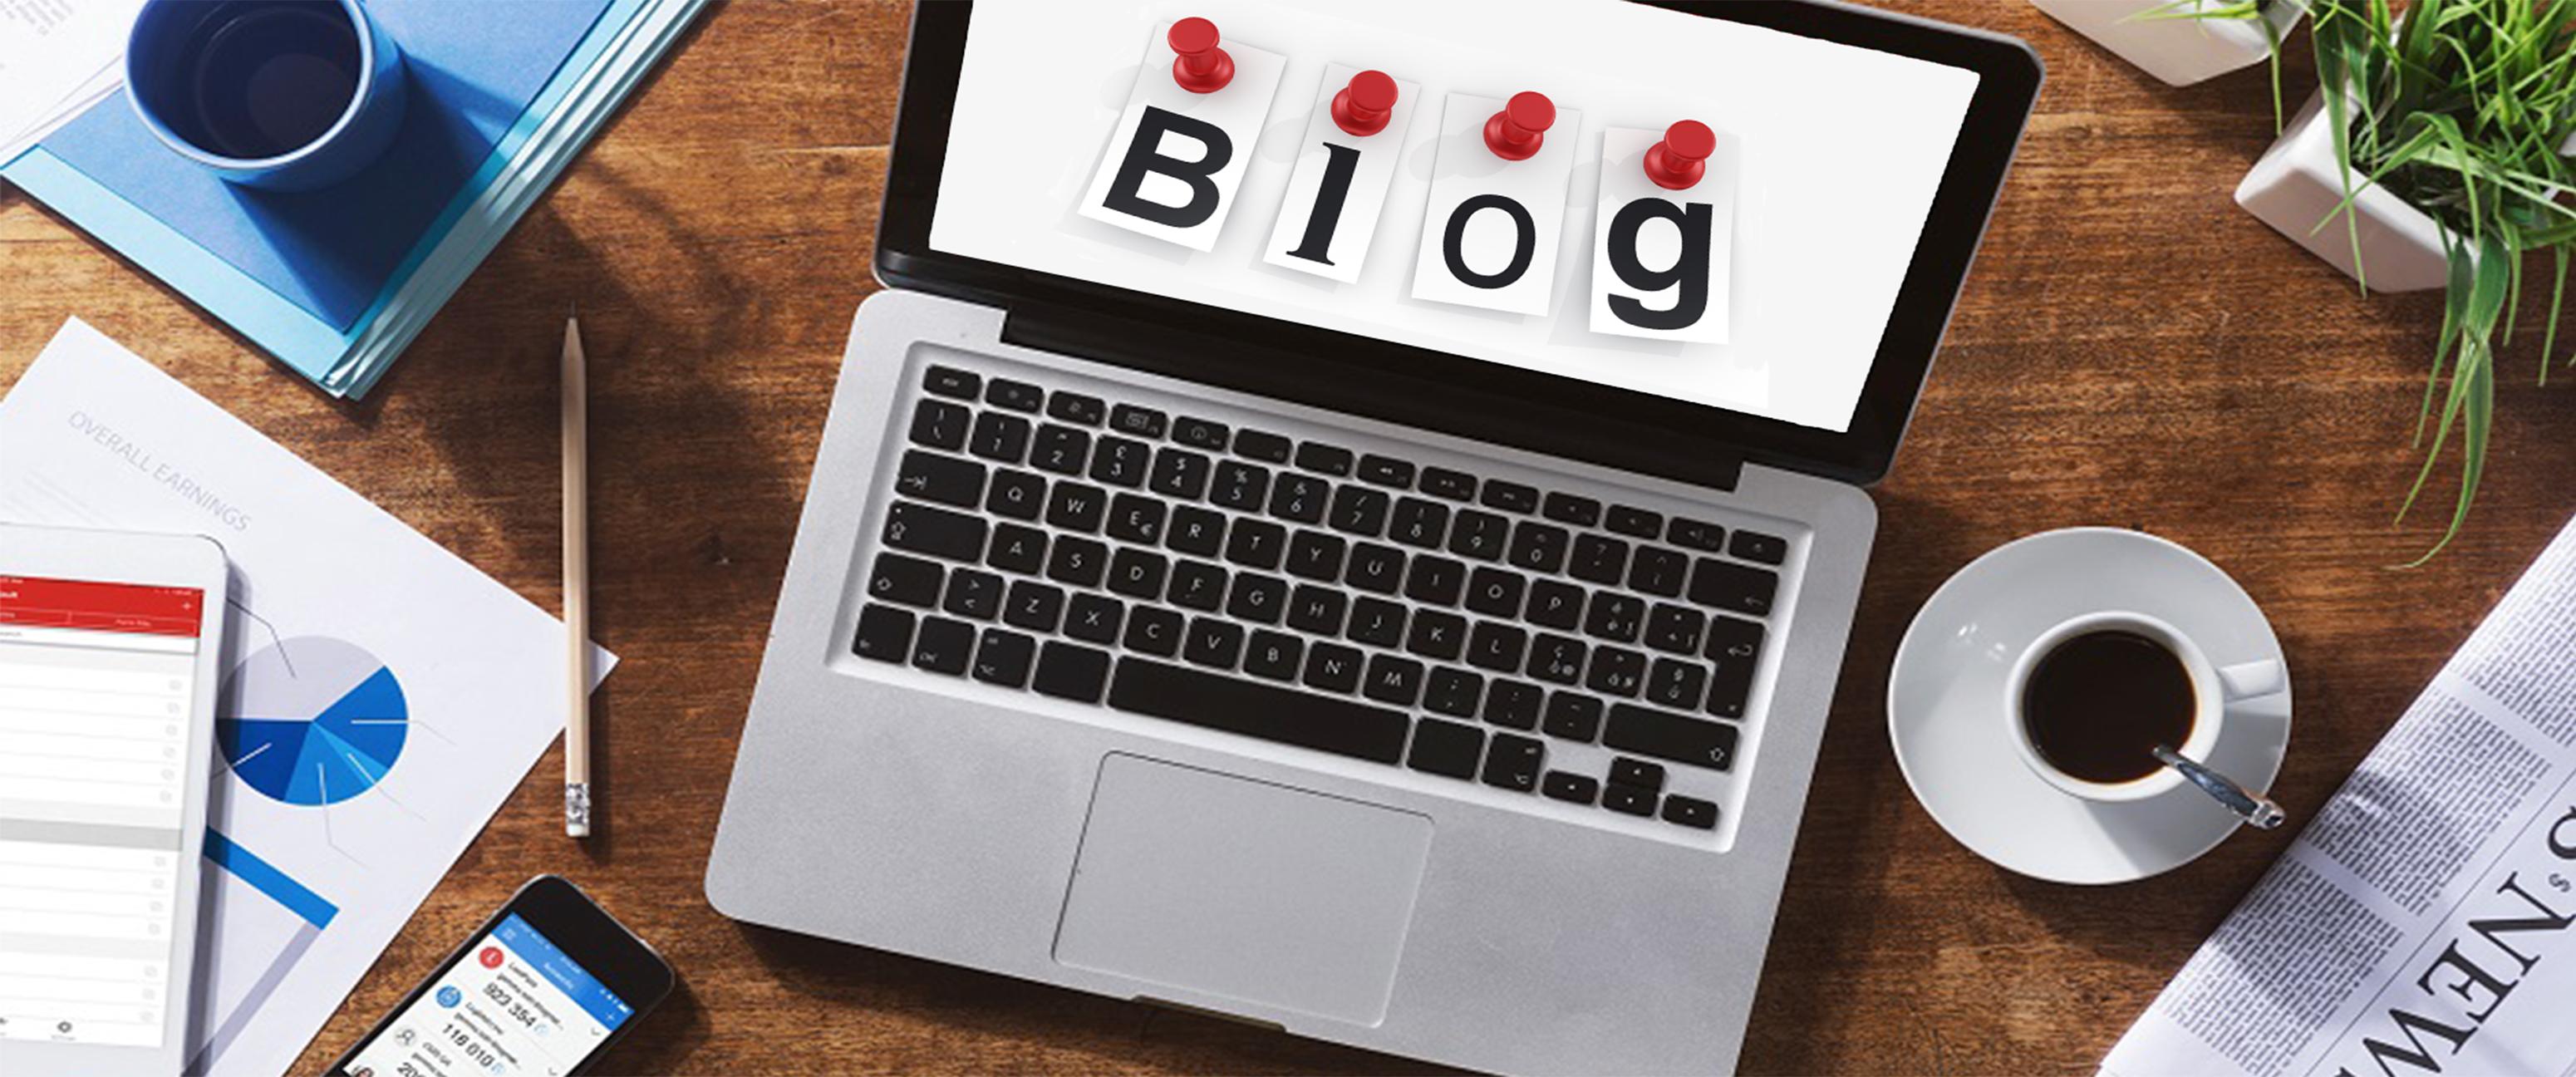 L'importance de créer un blog pour son entreprise